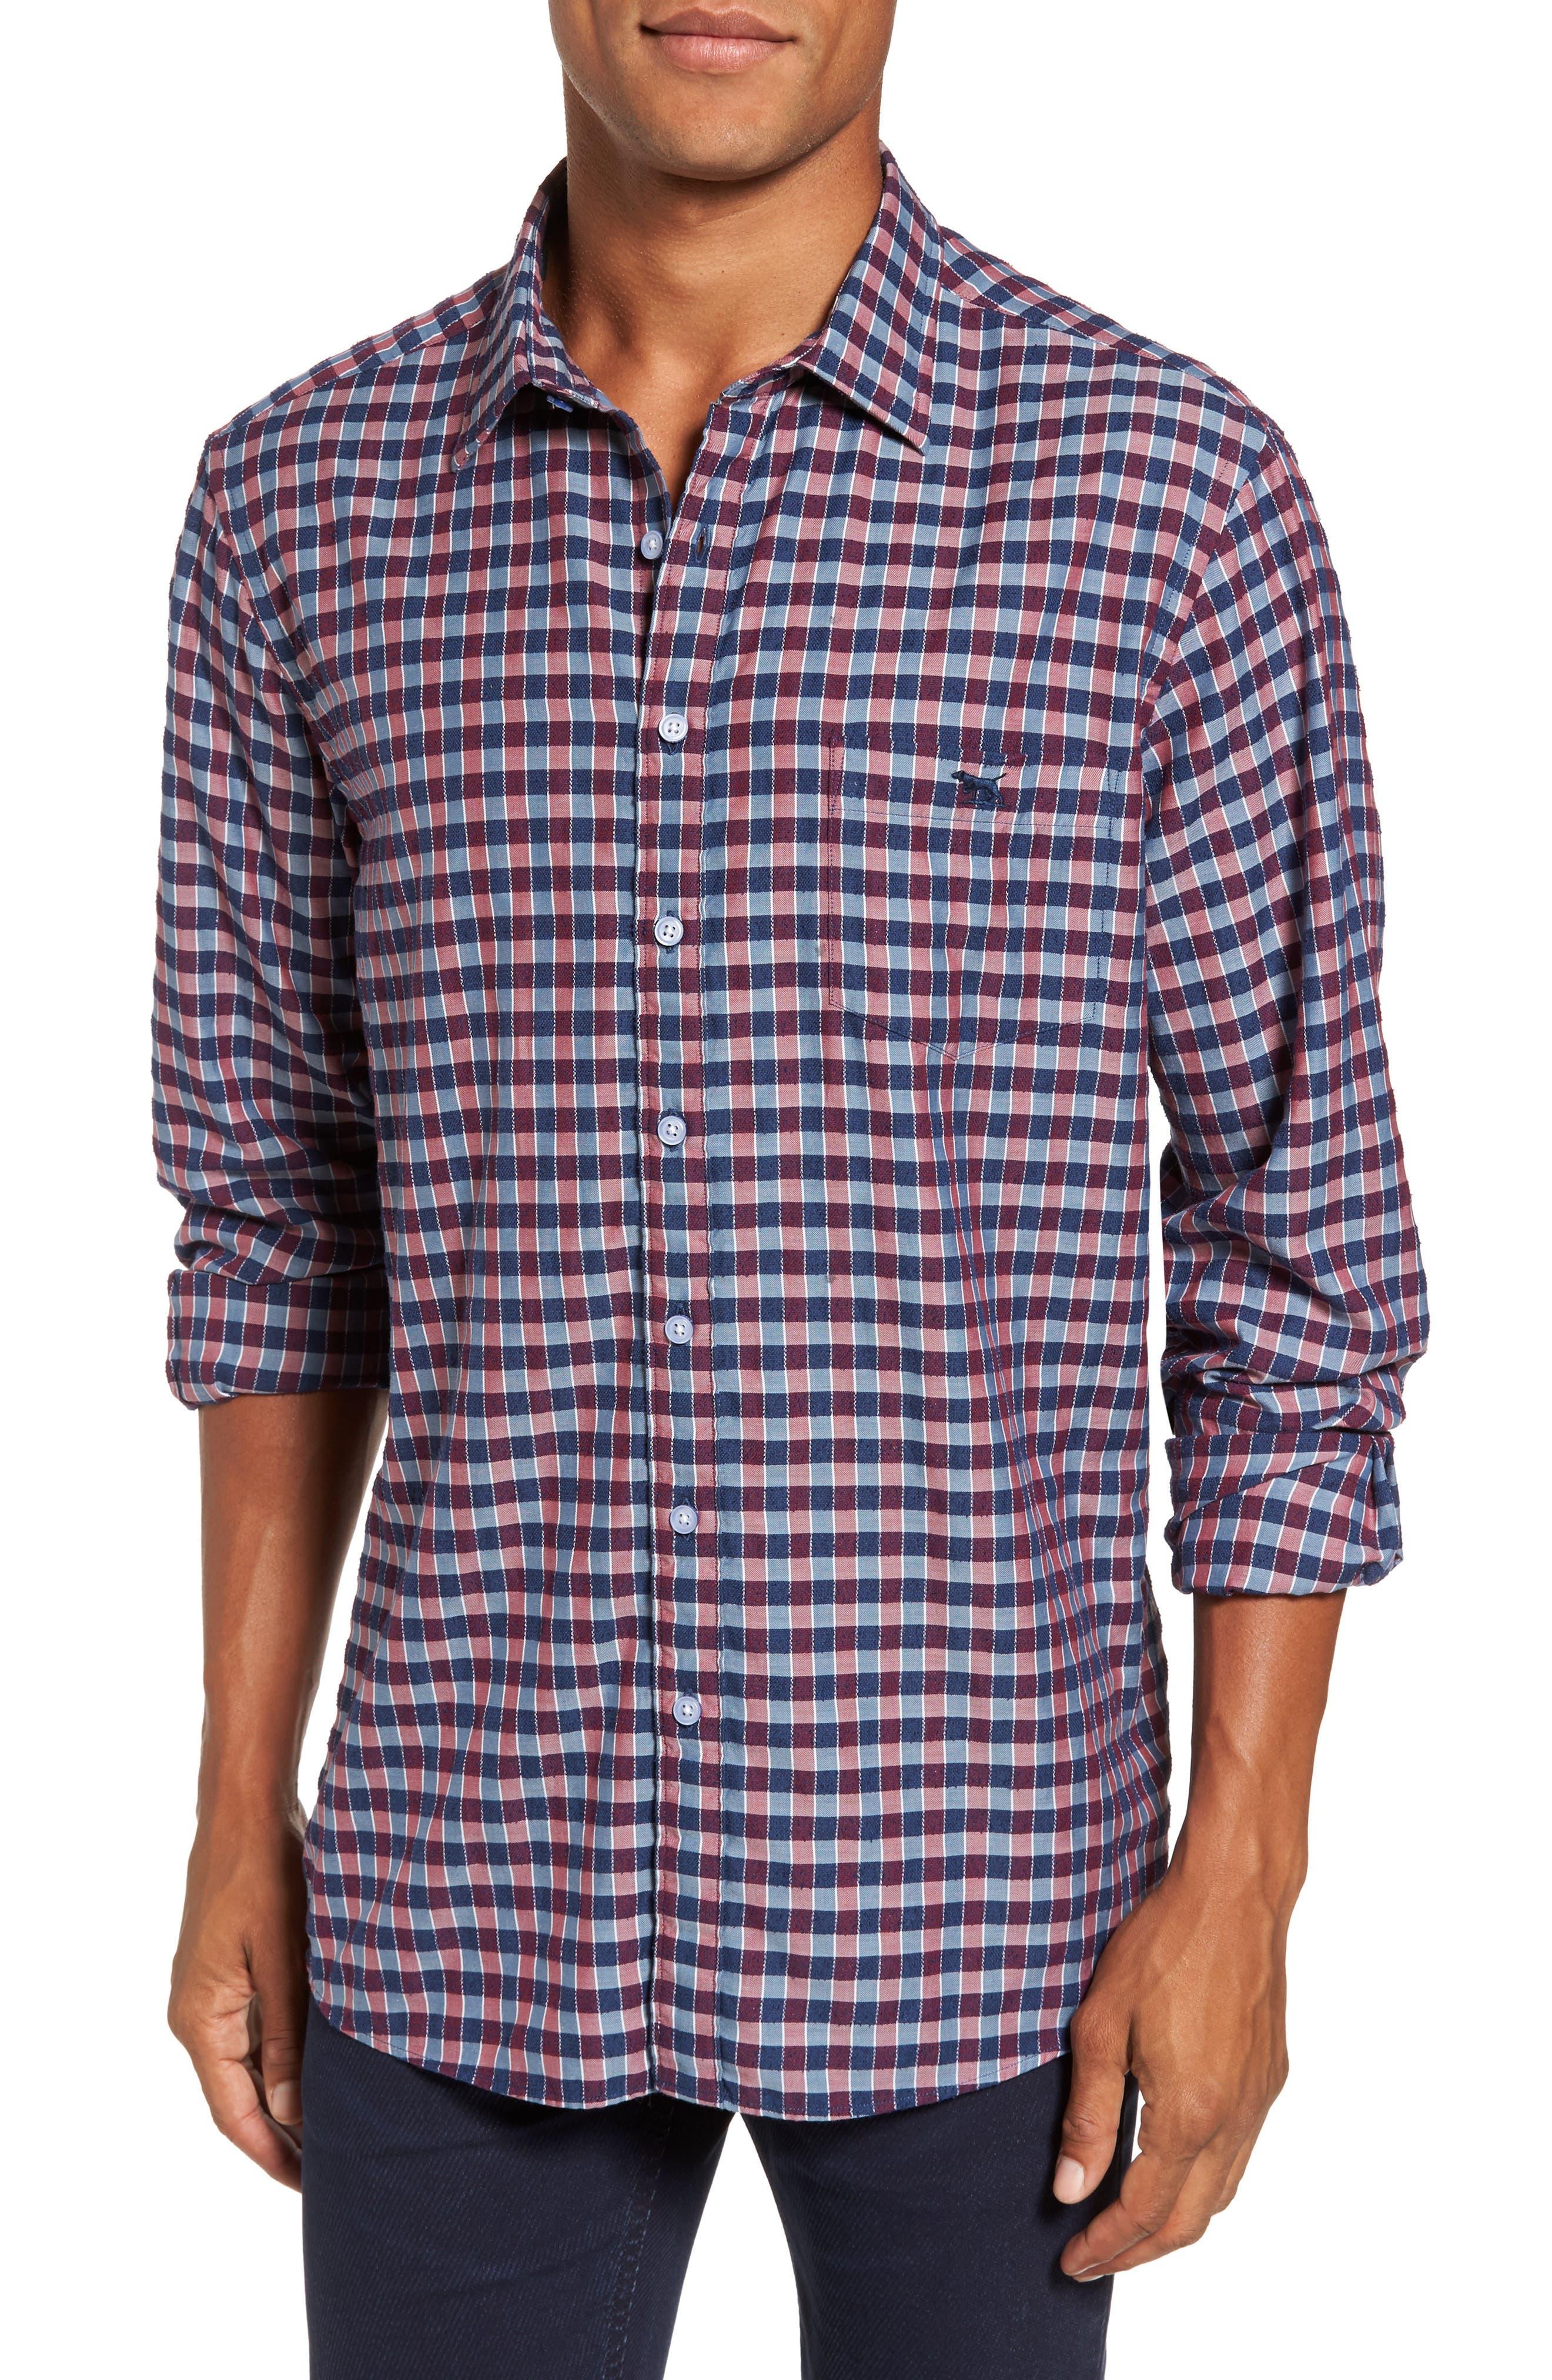 Alternate Image 1 Selected - Rodd & Gunn Mandeville Check Sport Shirt